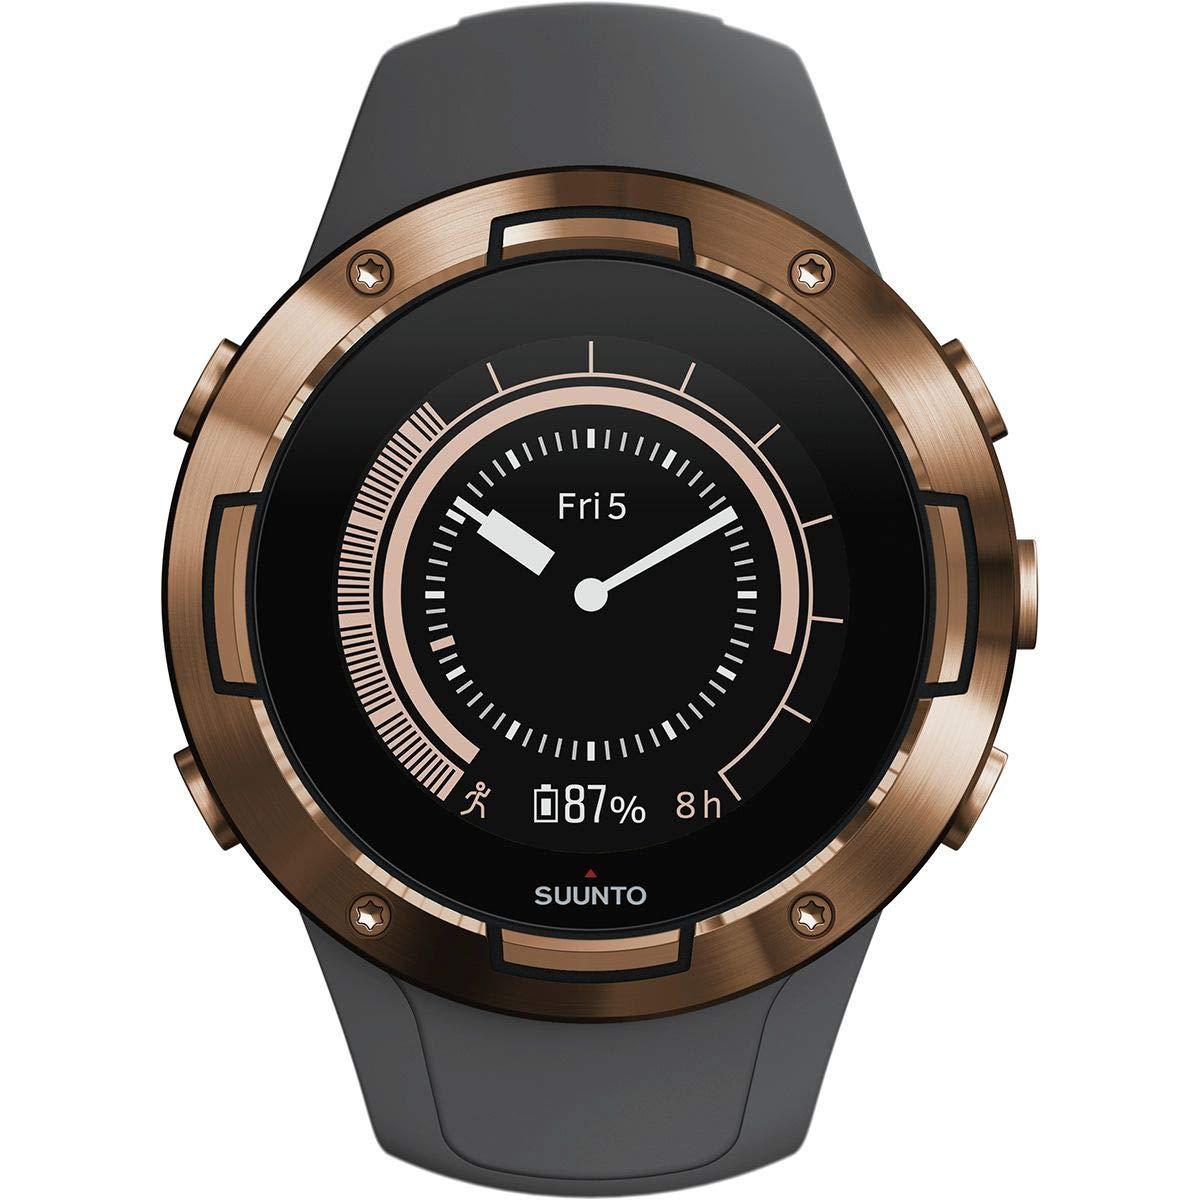 Suunto 5 G1 Watch Graphite Copper, One Size by Suunto